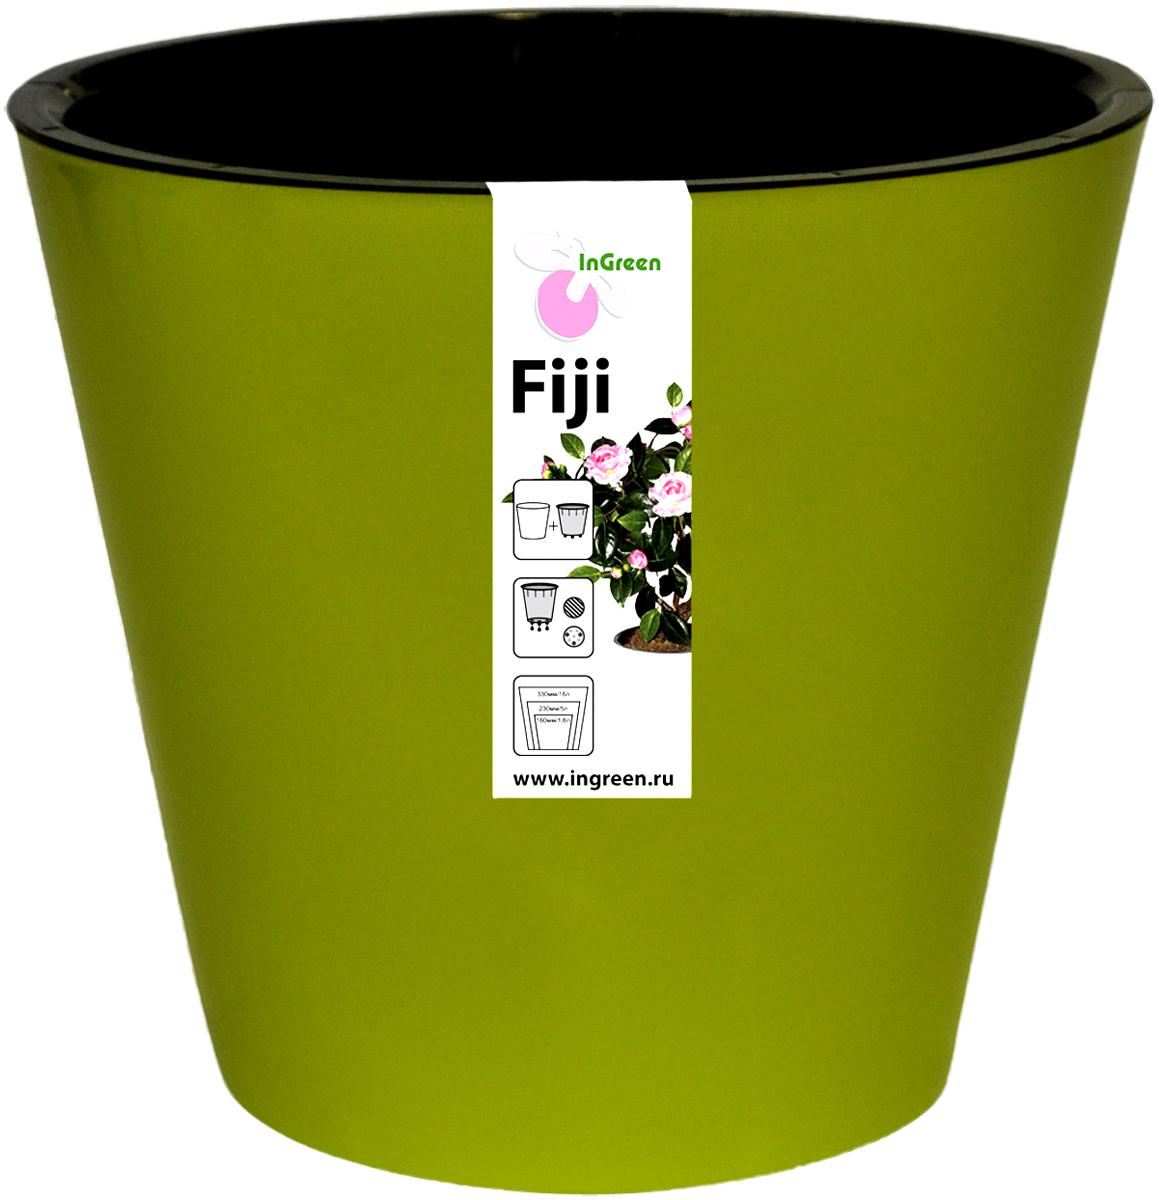 Горшок для цветов InGreen Фиджи, с системой автополива, цвет: зелено-желтый, диаметр 23 смПУ-1_черный/серебристыйГоршок InGreen Фиджи, выполненный из высококачественного пластика, предназначен для выращивания комнатных цветов, растений и трав. Специальная конструкция обеспечивает вентиляцию в корневой системе растения, а дренажные отверстия позволяют выходить лишней влаге из почвы. Изделие состоит из цветного кашпо и внутреннего горшка. Растение высаживается во внутренний горшок и вставляется в кашпо. Инновационная система автополива обладает рядом преимуществ: экономит время при уходе за растением, вода не протекает при поливе и нет необходимости в подставке, корни не застаиваются в воде.Такой горшок порадует вас современным дизайном и функциональностью, а также оригинально украсит интерьер любого помещения. Объем горшка: 5 л. Диаметр горшка (по верхнему краю): 23 см.Высота горшка: 20,8 см.